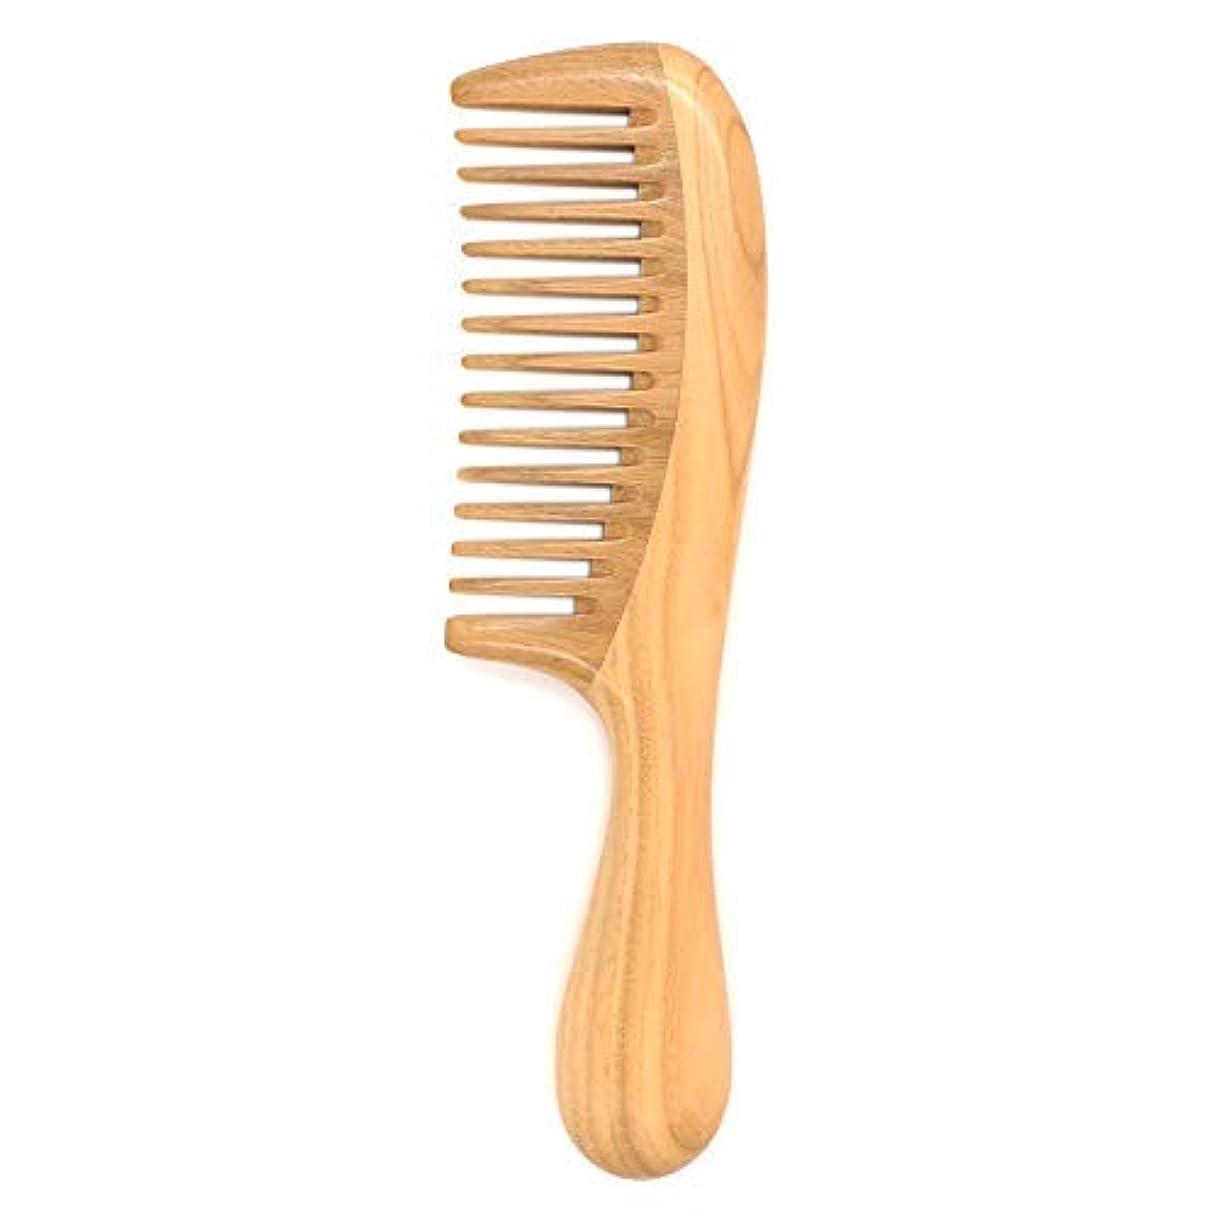 ボランティアセグメント魔術Tinfun Natural Green Sandalwood Hair Comb Wooden Comb (Wide Tooth) for Curly Hair Detangling - No Static, Prevent Tangle, Handmade [並行輸入品]